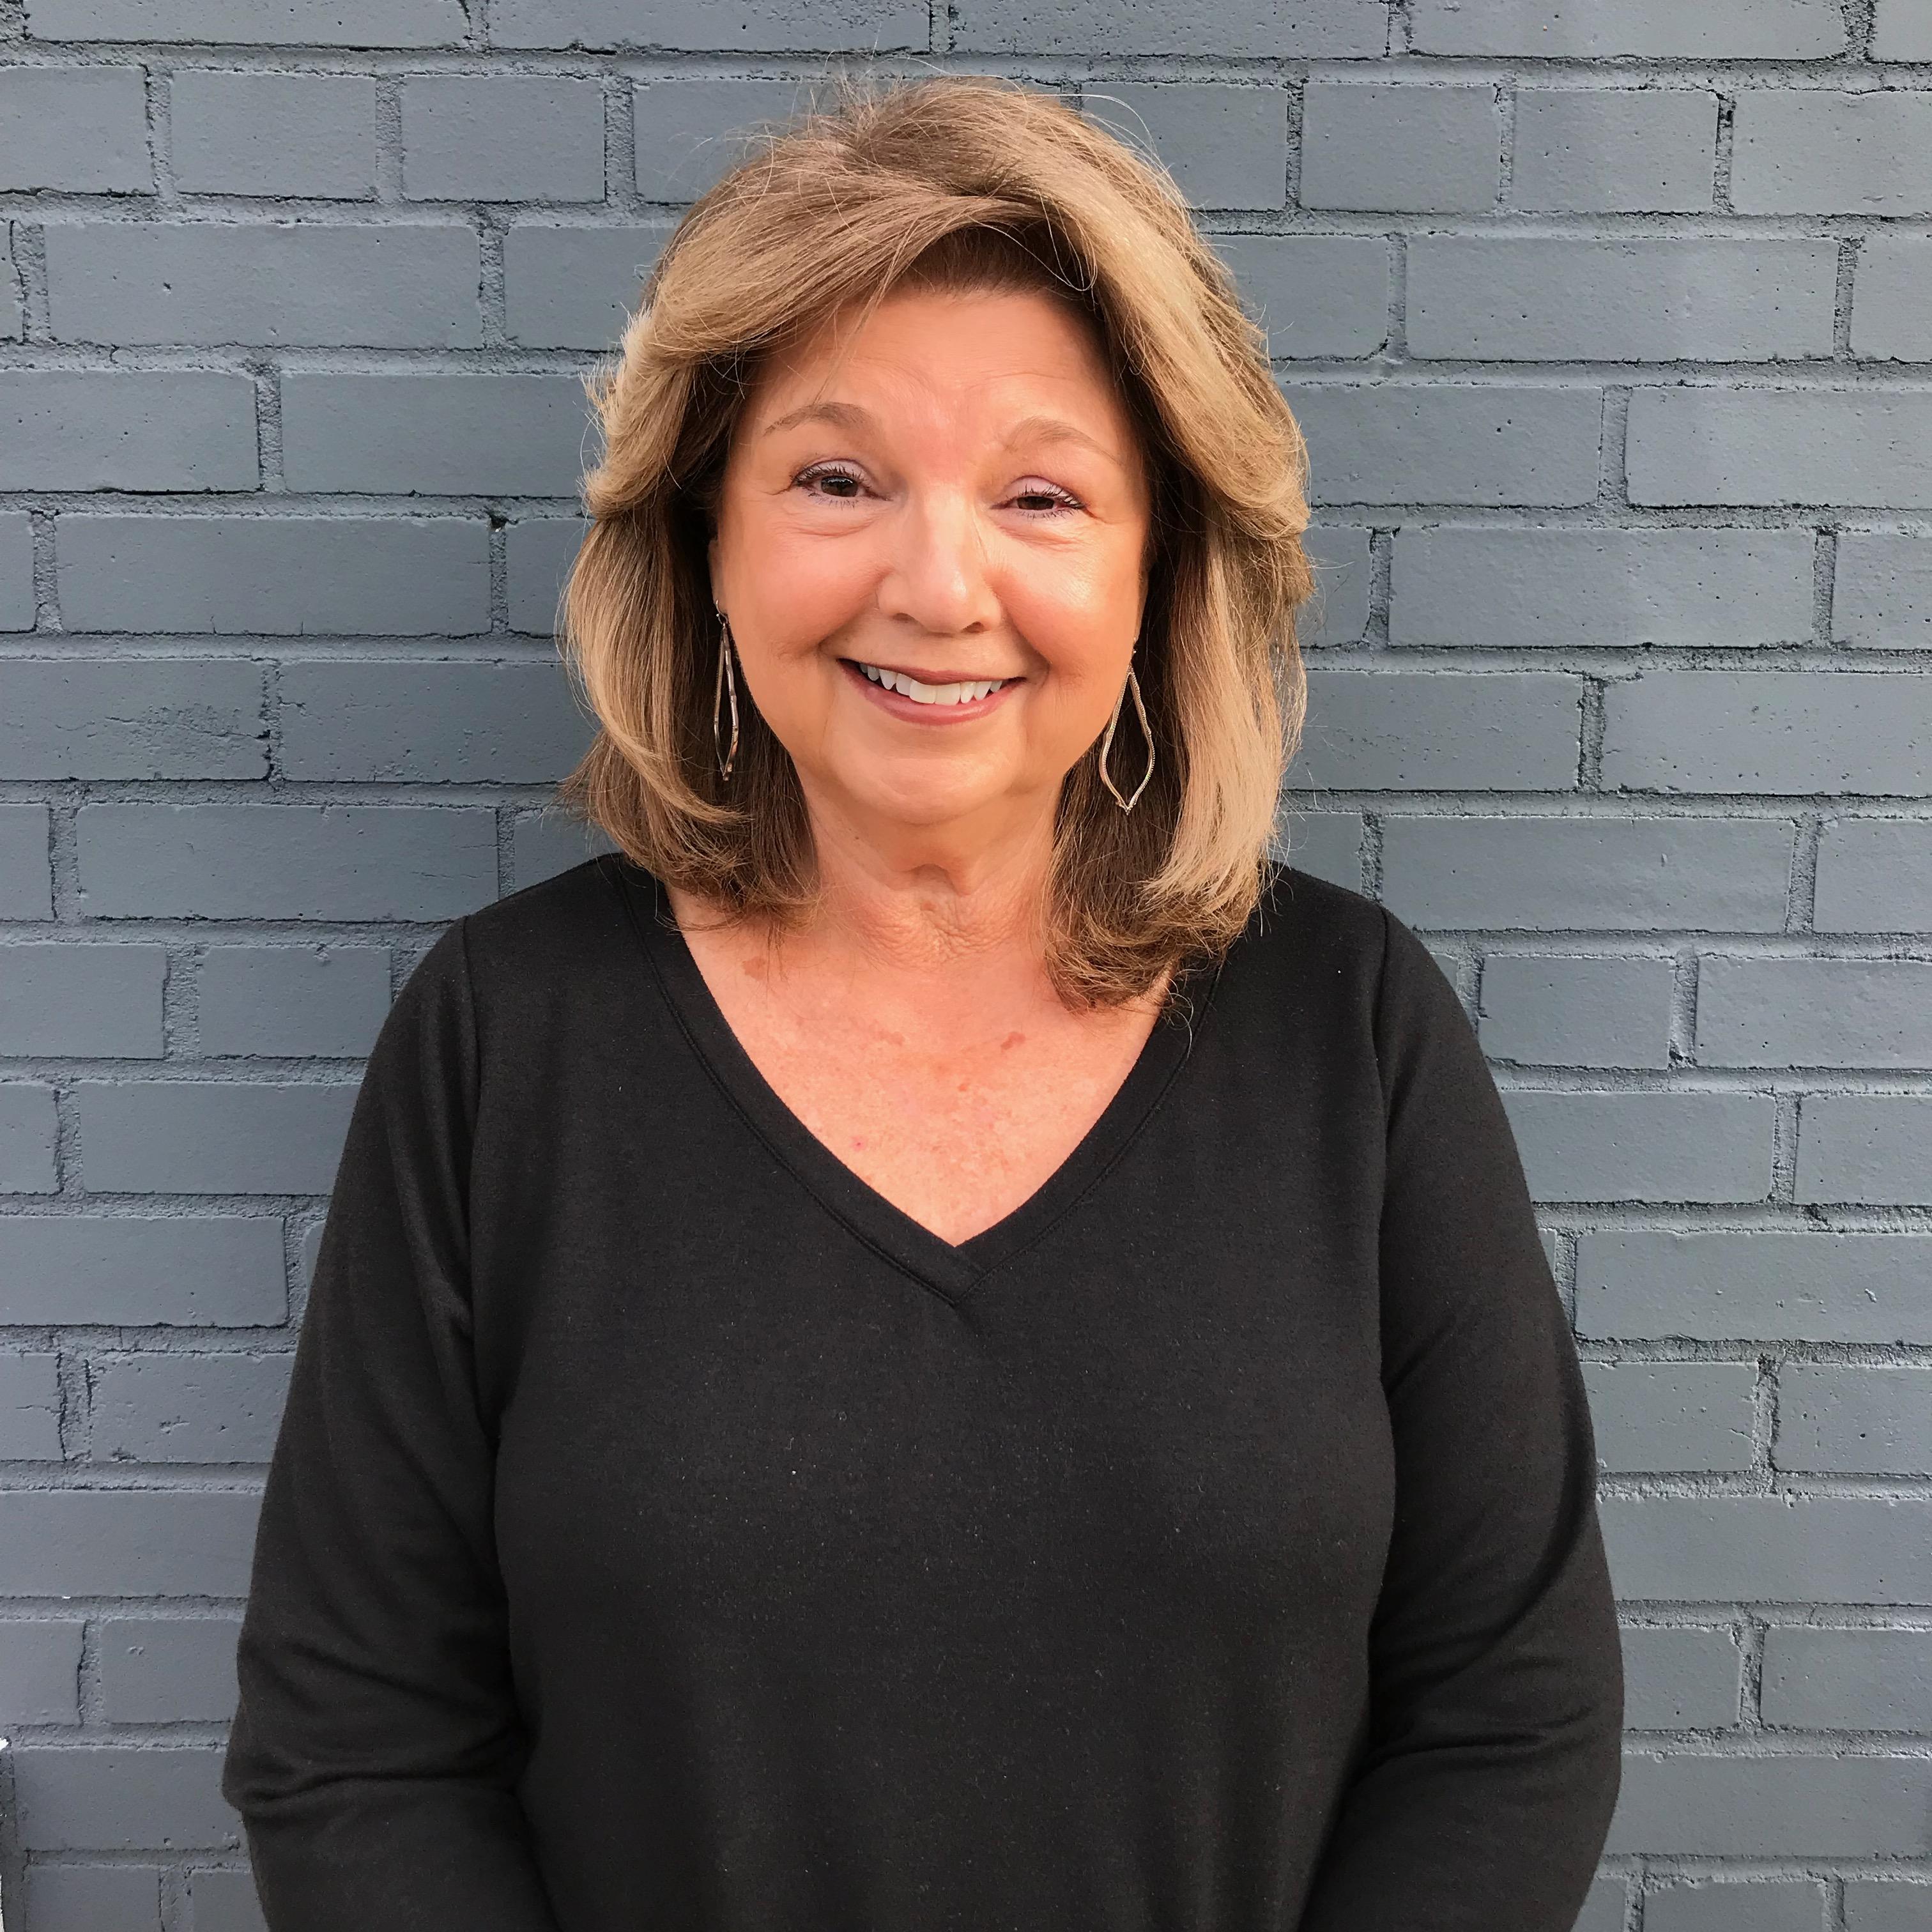 Paula Keen